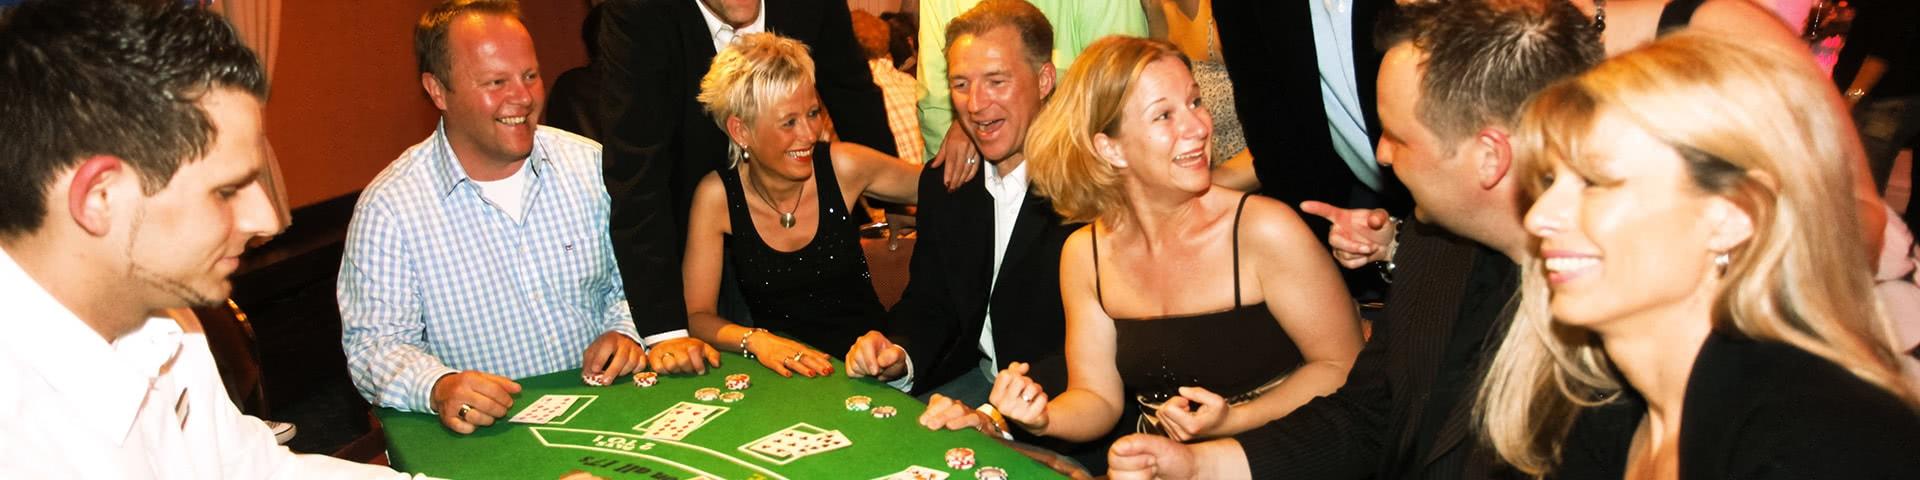 Gute Laune beim Casinoabend in Timmendorf